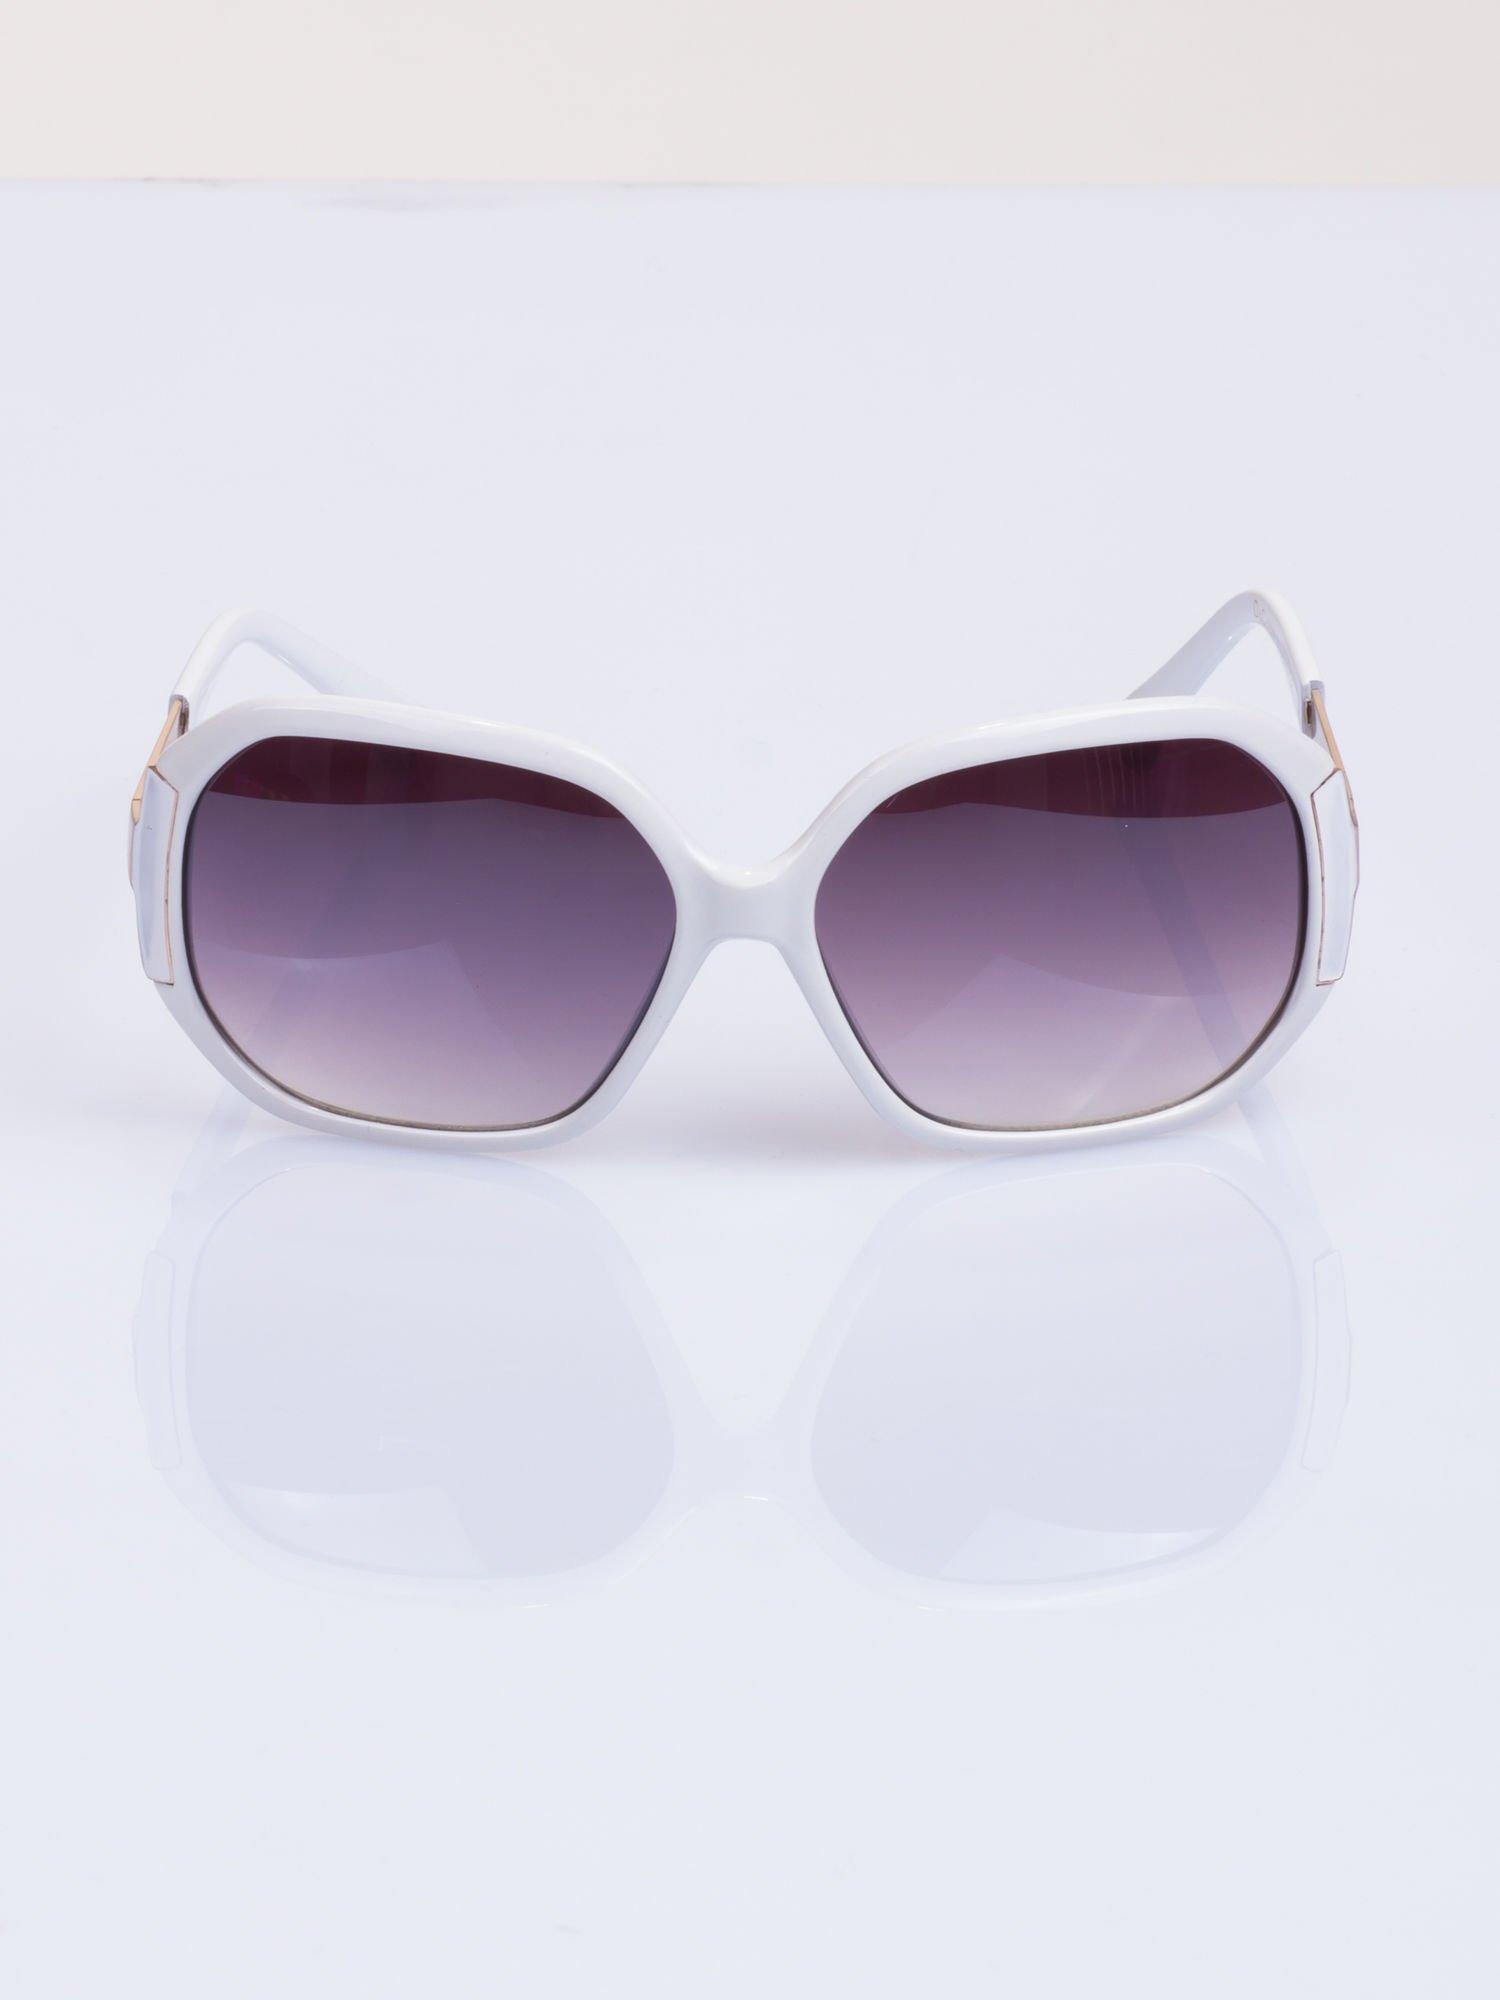 Białe eleganckie okulary                                  zdj.                                  1